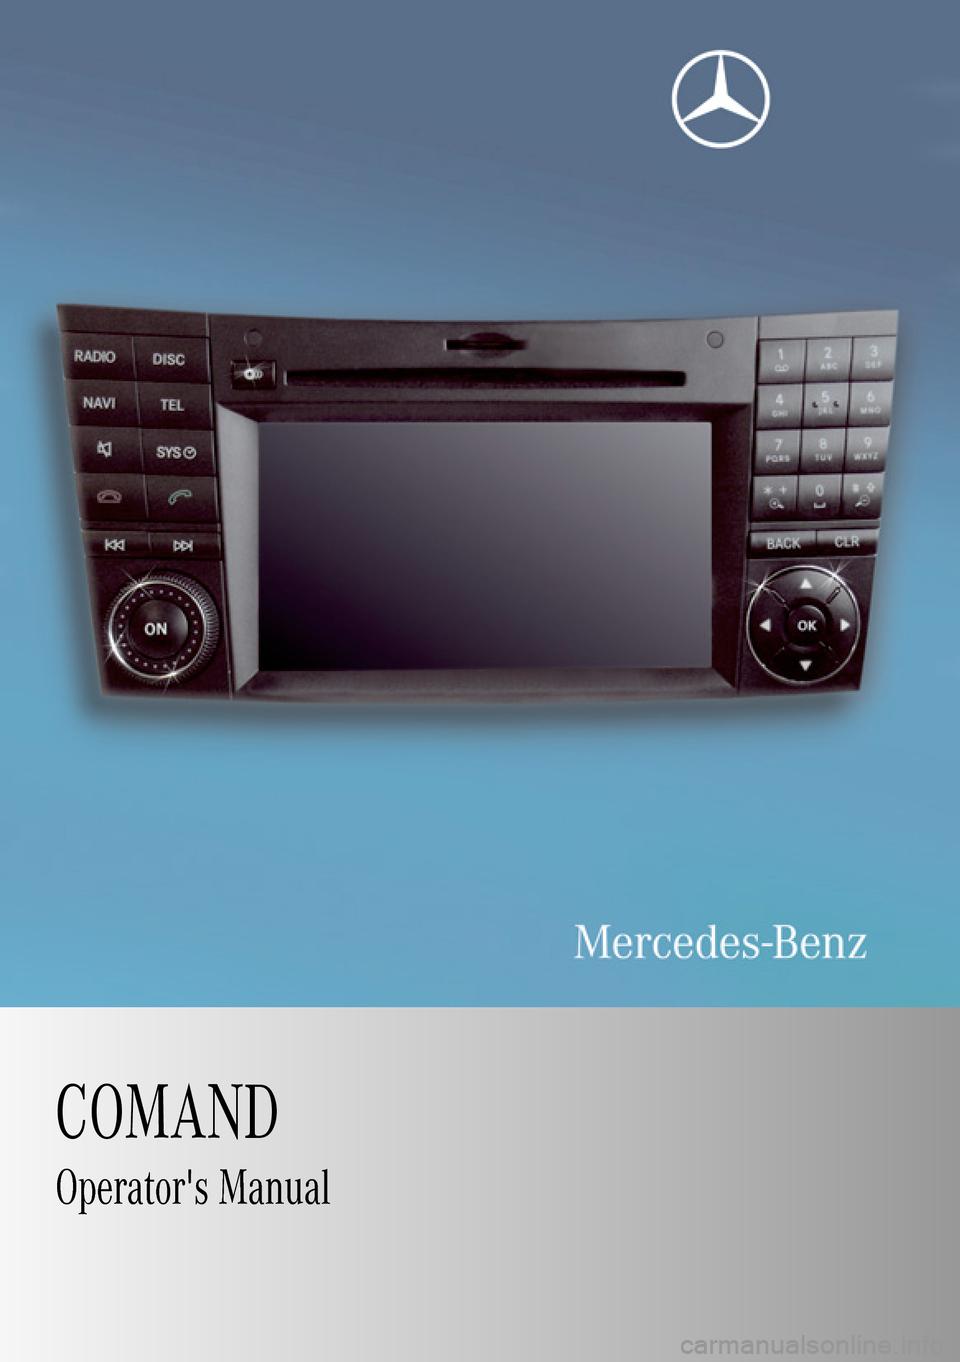 mercedes benz slk class 2009 r171 comand manual Mercedes S430 On 22 S 2010 Mercedes S430